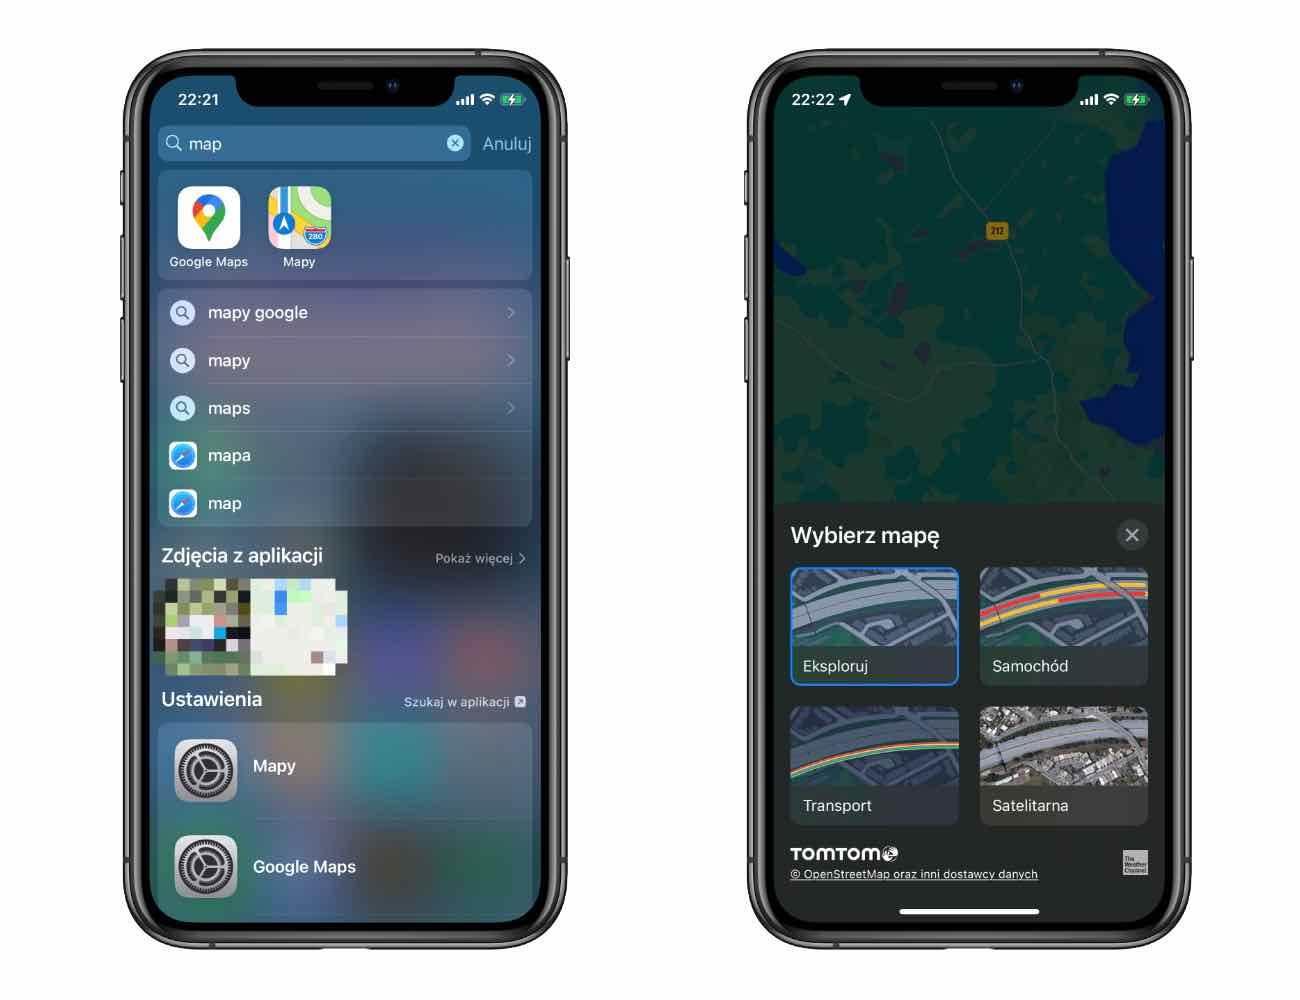 iOS 15 - polskie screeny polecane, ciekawostki zrzuty ekranu, screeny, polskie screeny z iOS 15, jak wygląda iOS 15, iOS 15 screeny, iOS 14 screeny, iOS, Apple  Pierwsza beta iOS 15 jest już w naszych rękach, więc przygotowaliśmy dla Was polskie screeny z najnowszej wersji iOS. iOS15beta1 10